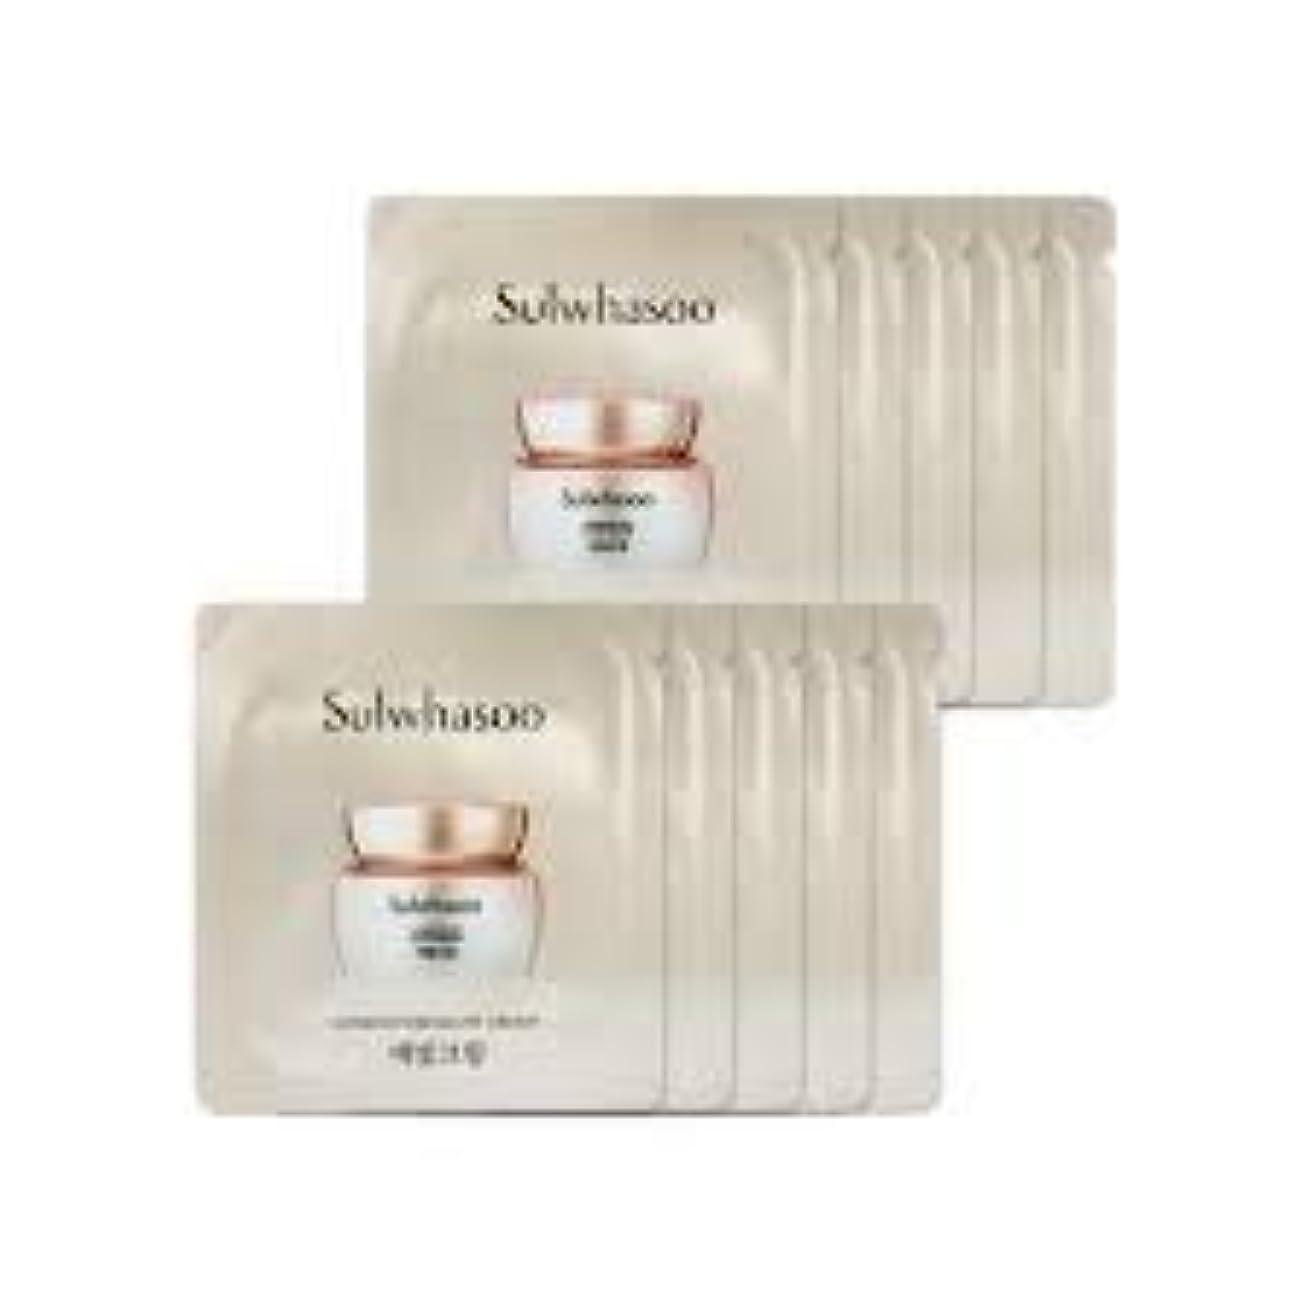 育成不安拡声器[ソルファス ] Sulwhasoo (雪花秀) ルミナチュアグロー Luminature Glow Cream 1ml x 30 (イェビトクリーム) [ShopMaster1]